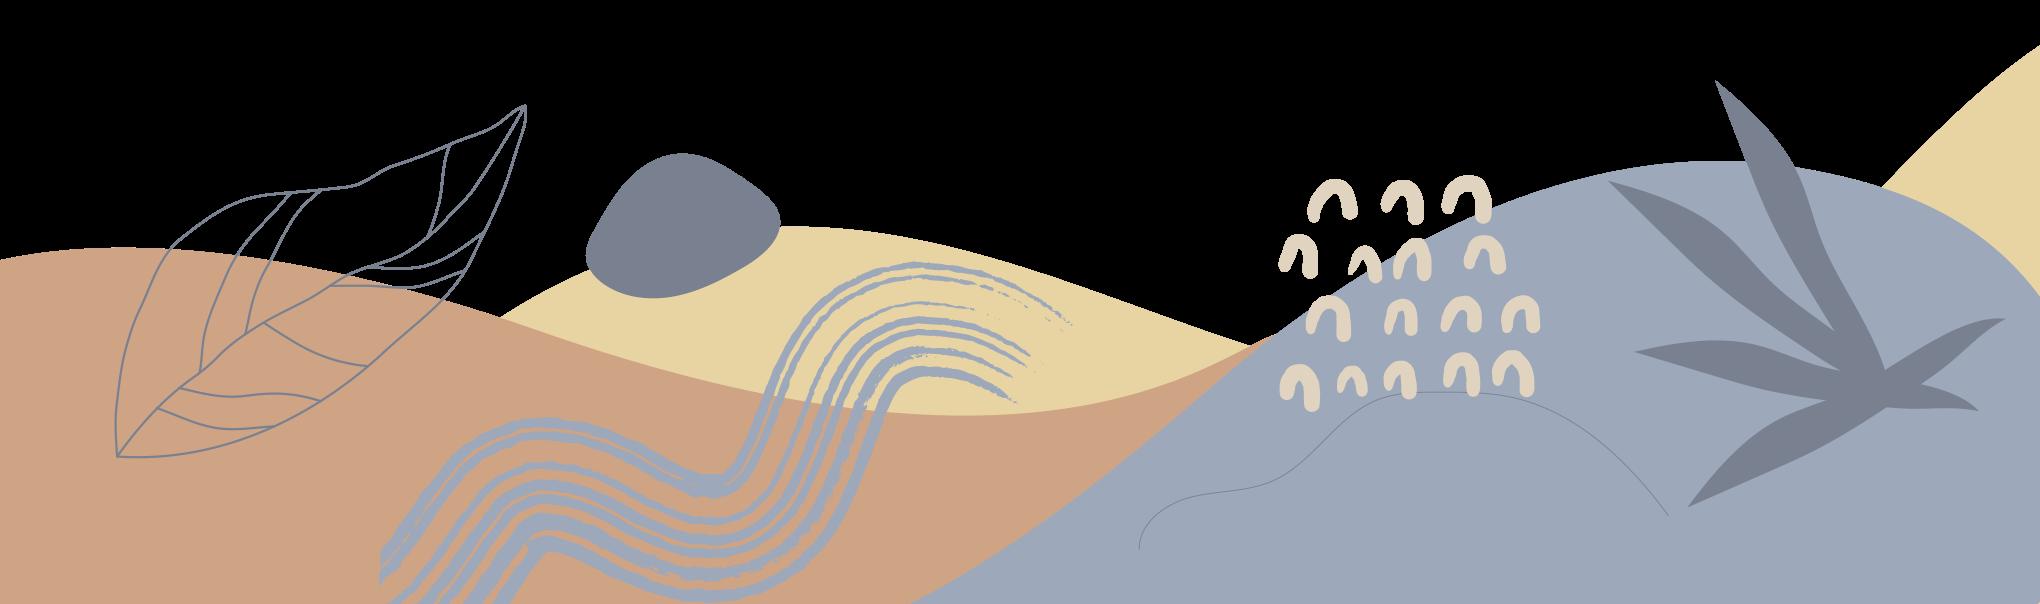 foot-phan-thi-hue-210915